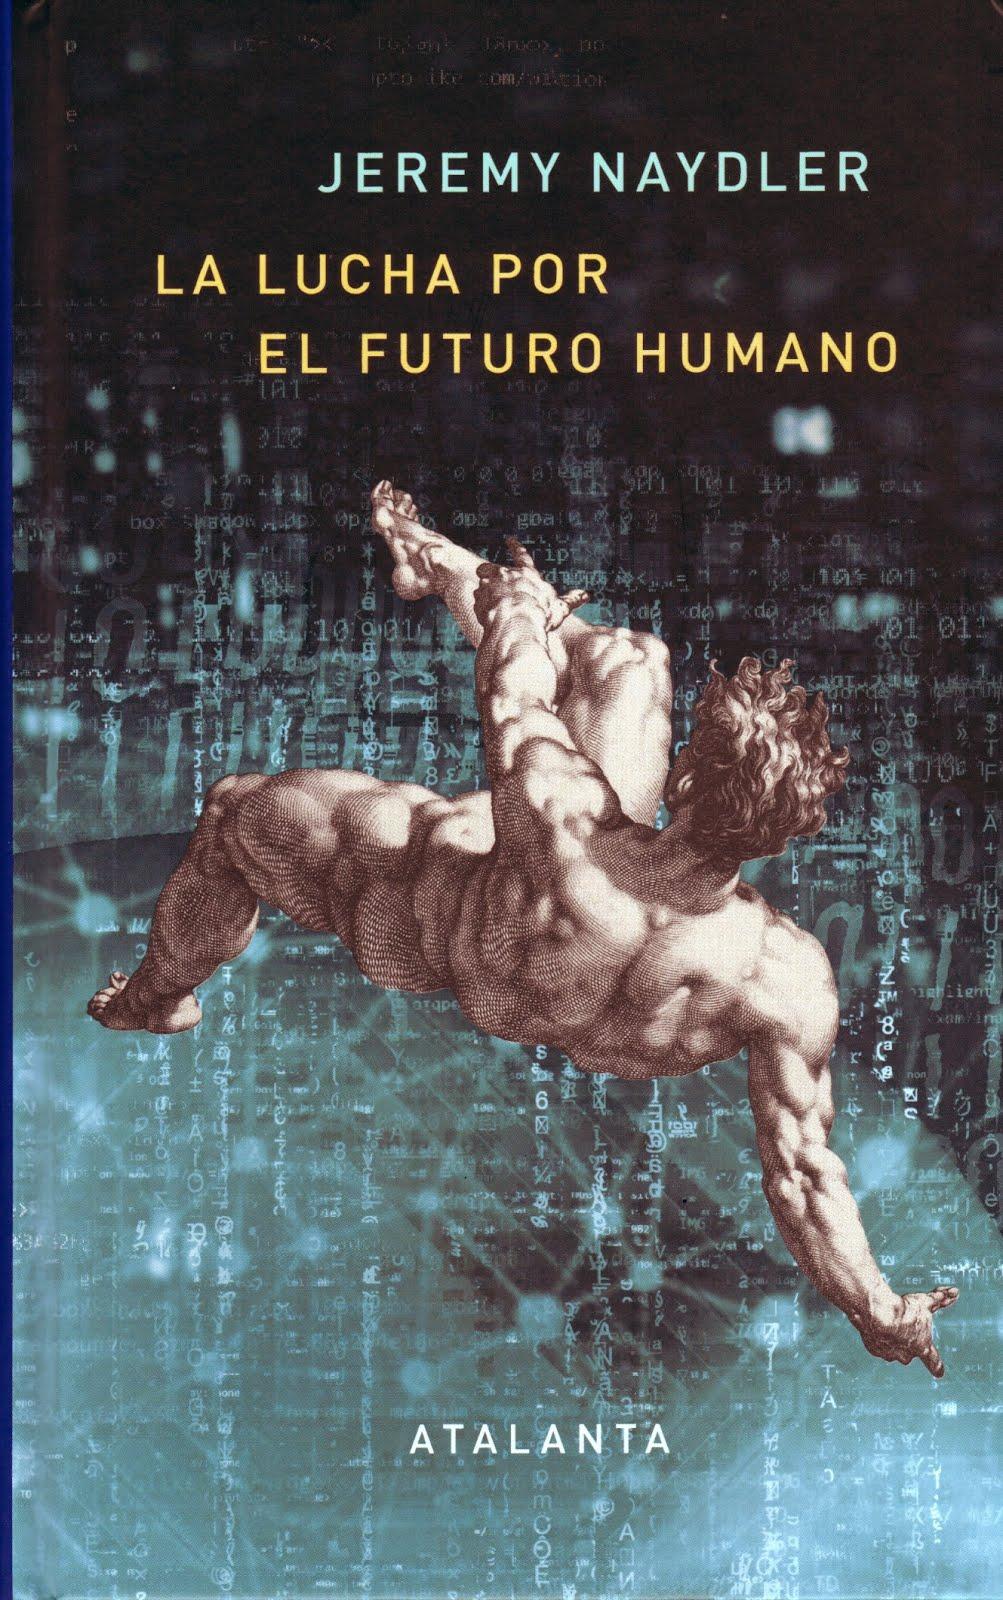 Jeremy Naydler (La lucha por el futuro humano)